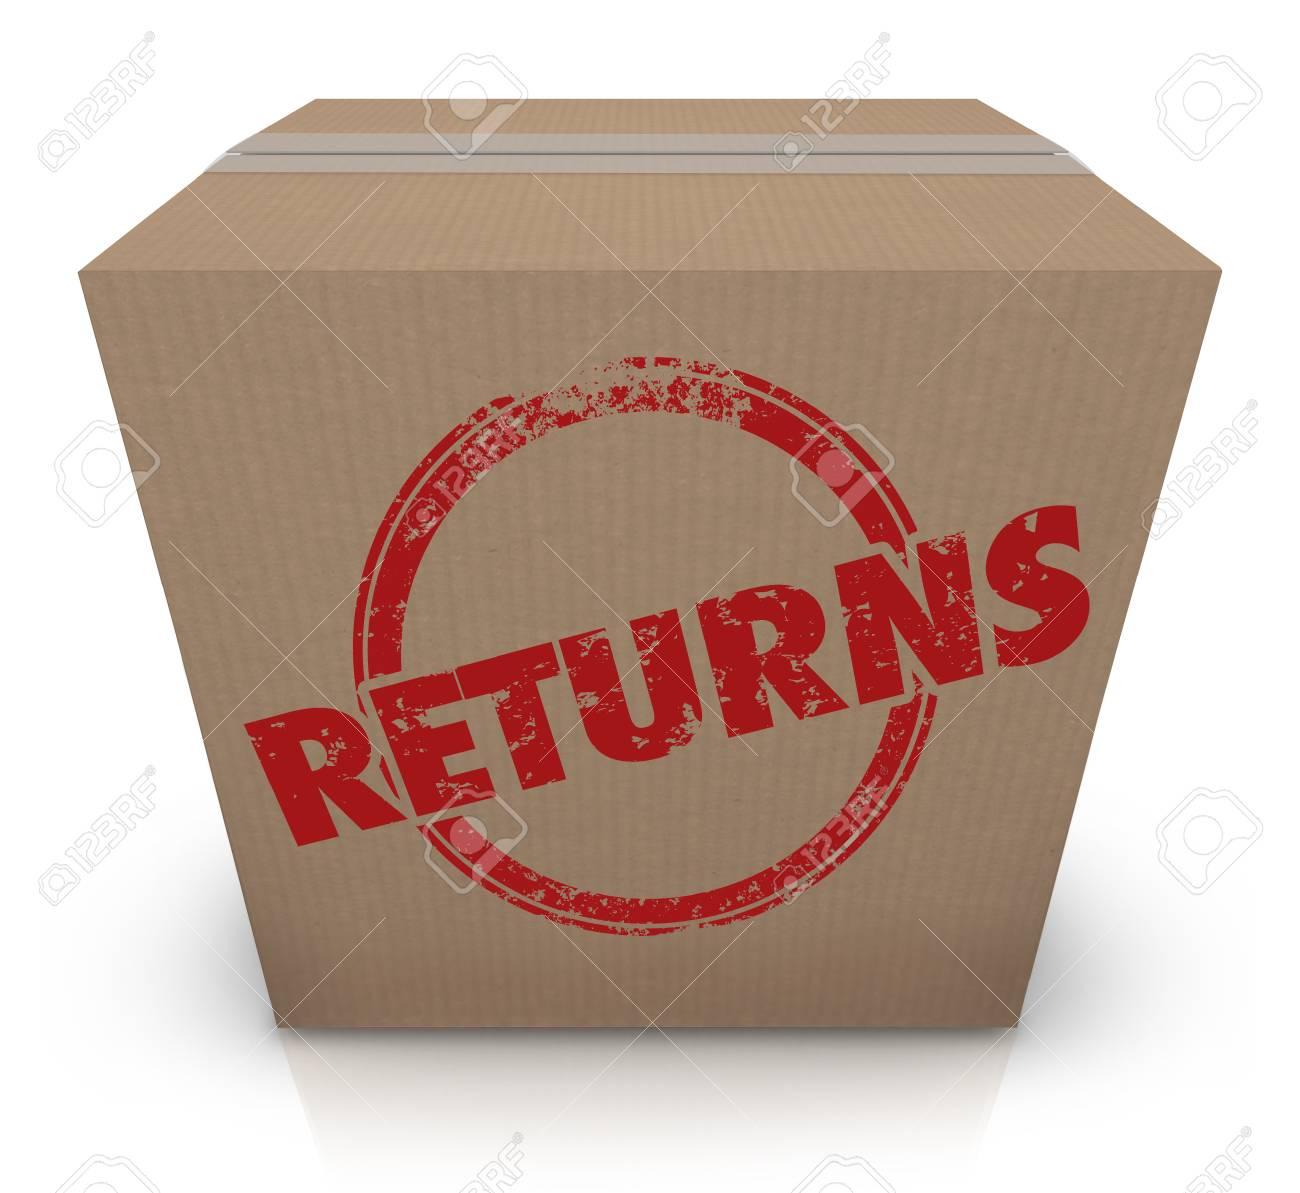 Returns Sending Back Box Package Unwanted Delivery 3d Illustration - 97161589